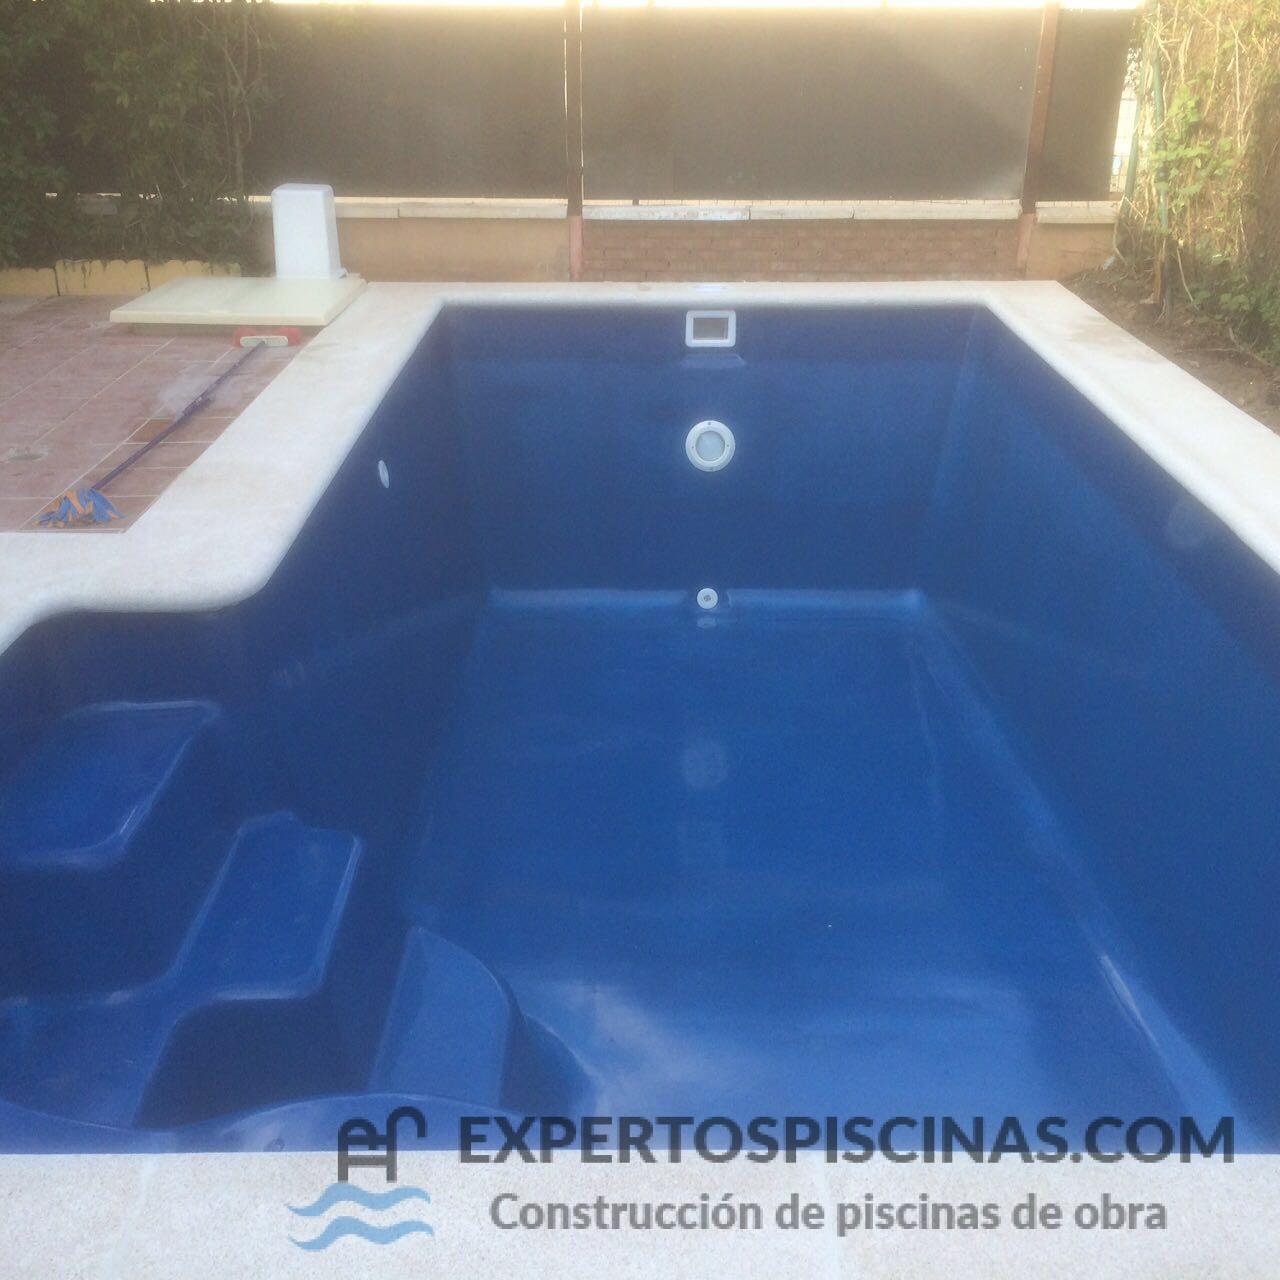 Piscinas de fibra construcci n de piscinas en madrid - Construccion de piscinas madrid ...